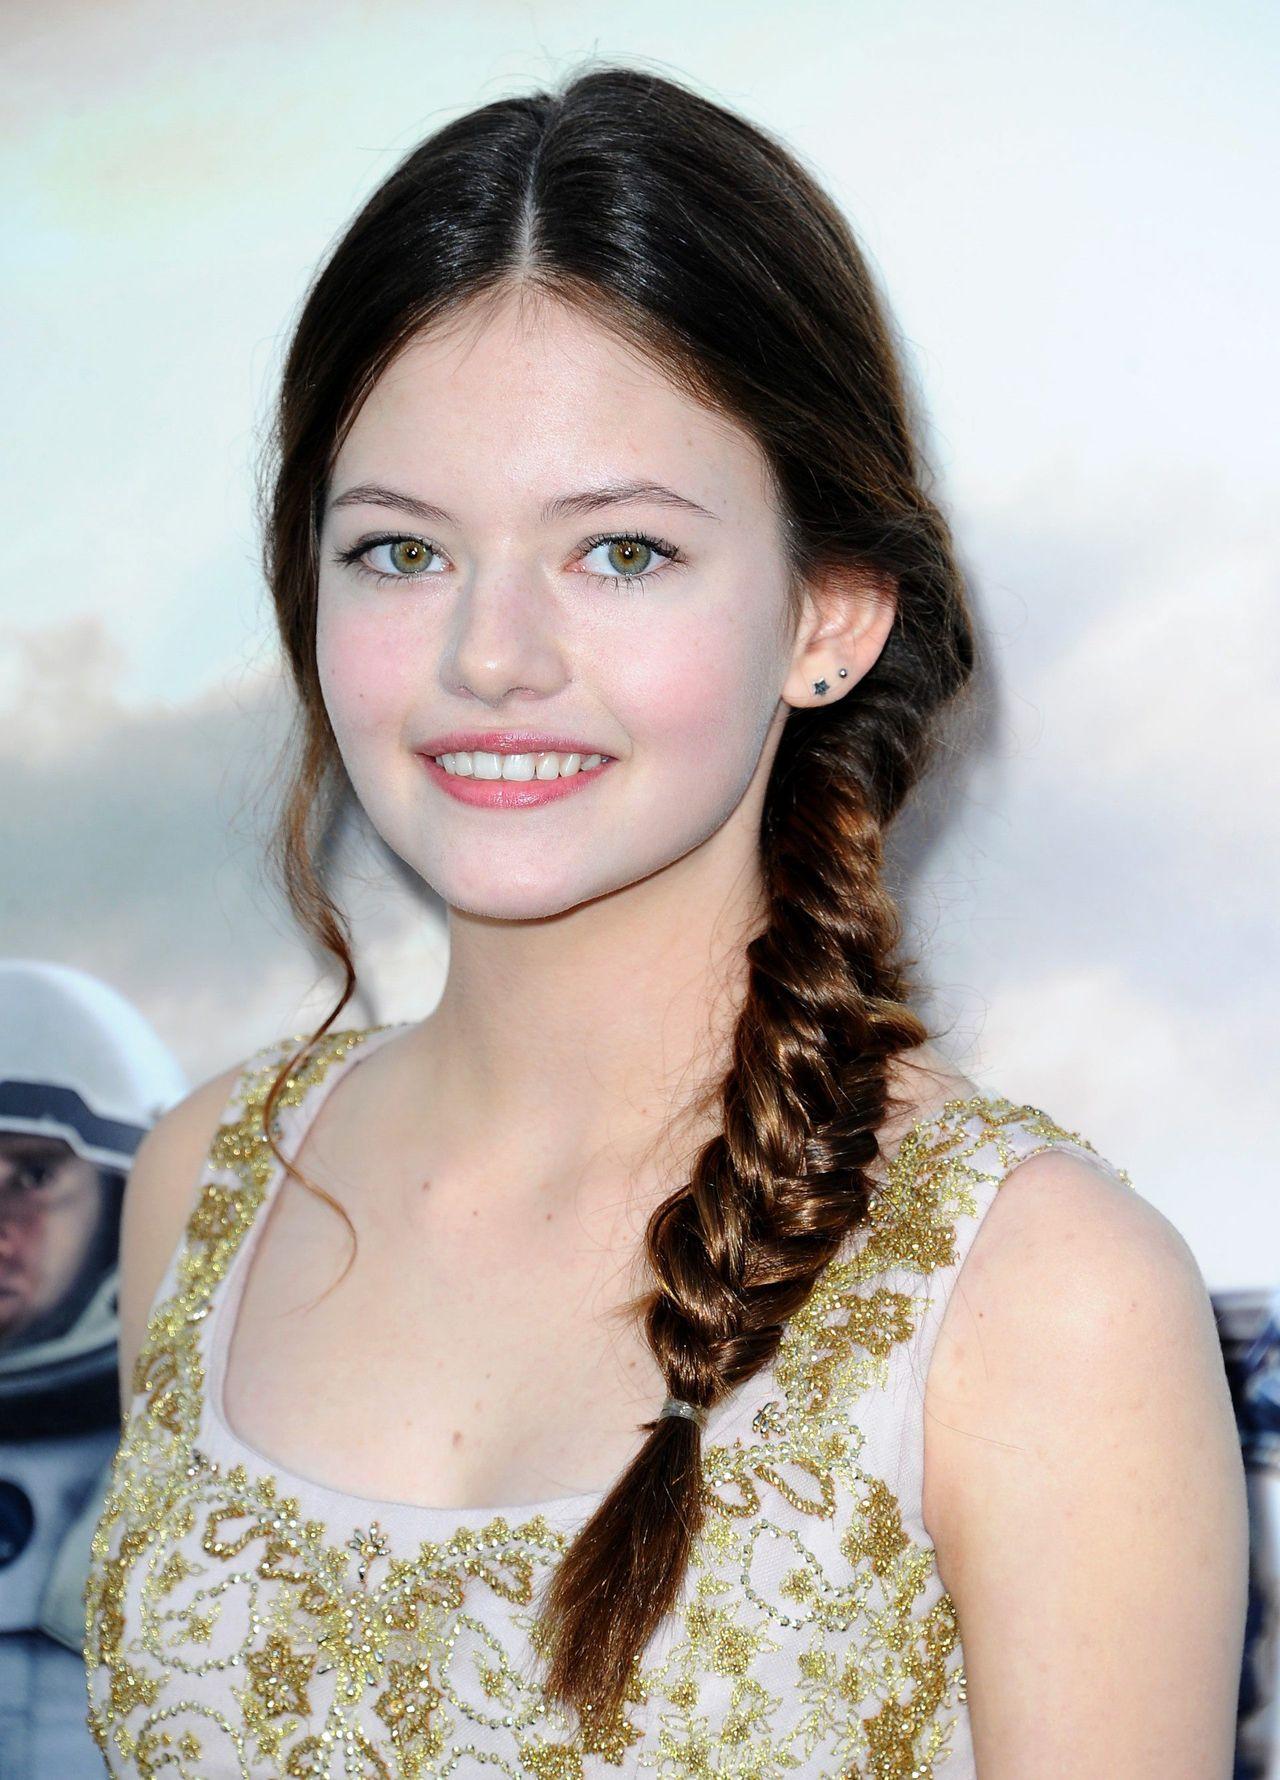 Ależ wyrosła! 17-letnia Mackenzie Foy ze Zmierzchu na premierze (ZDJĘCIA)